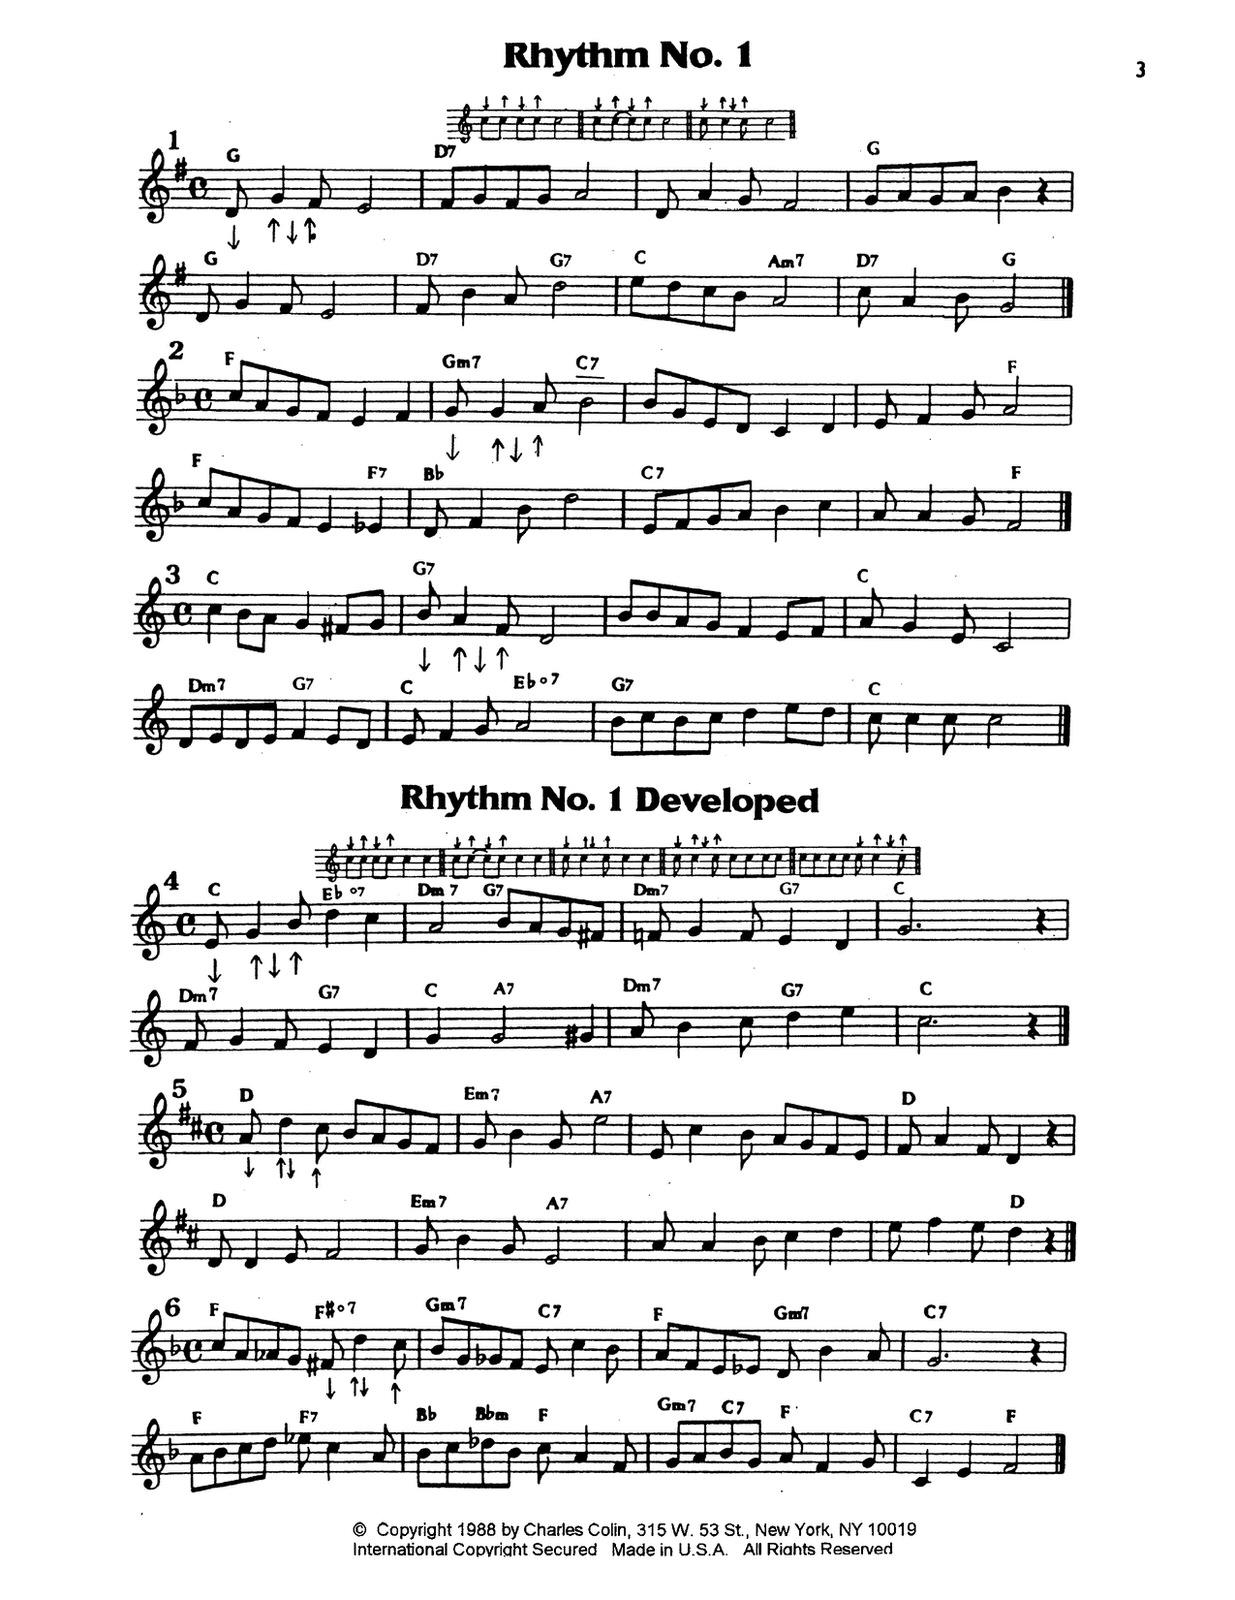 Bower, Rhythms Complete 2